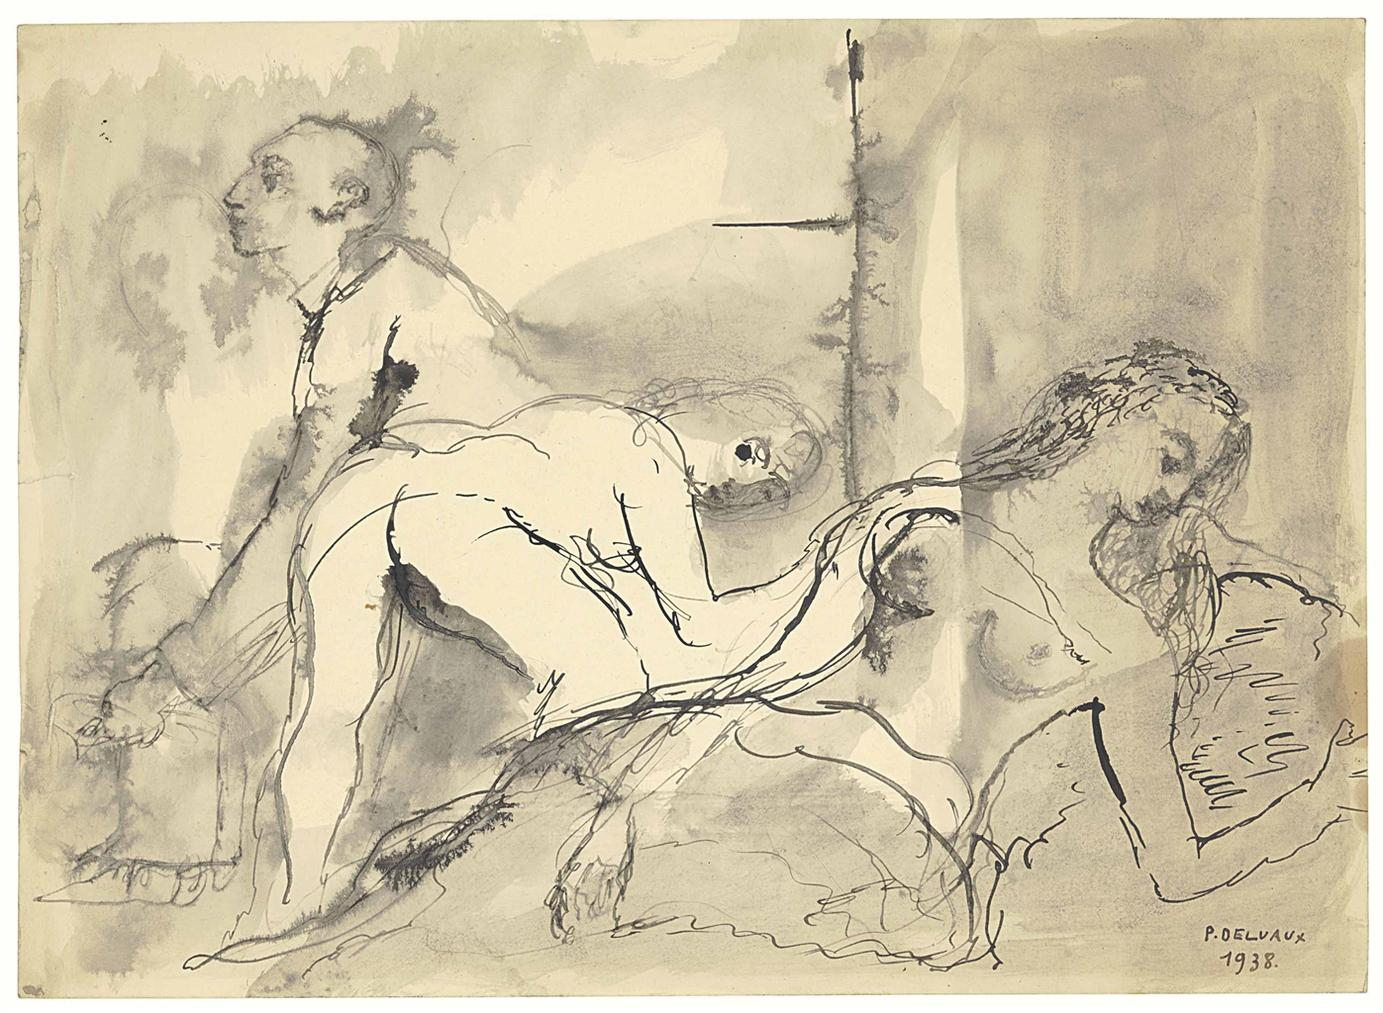 Paul Delvaux-Le Visiteur-1938